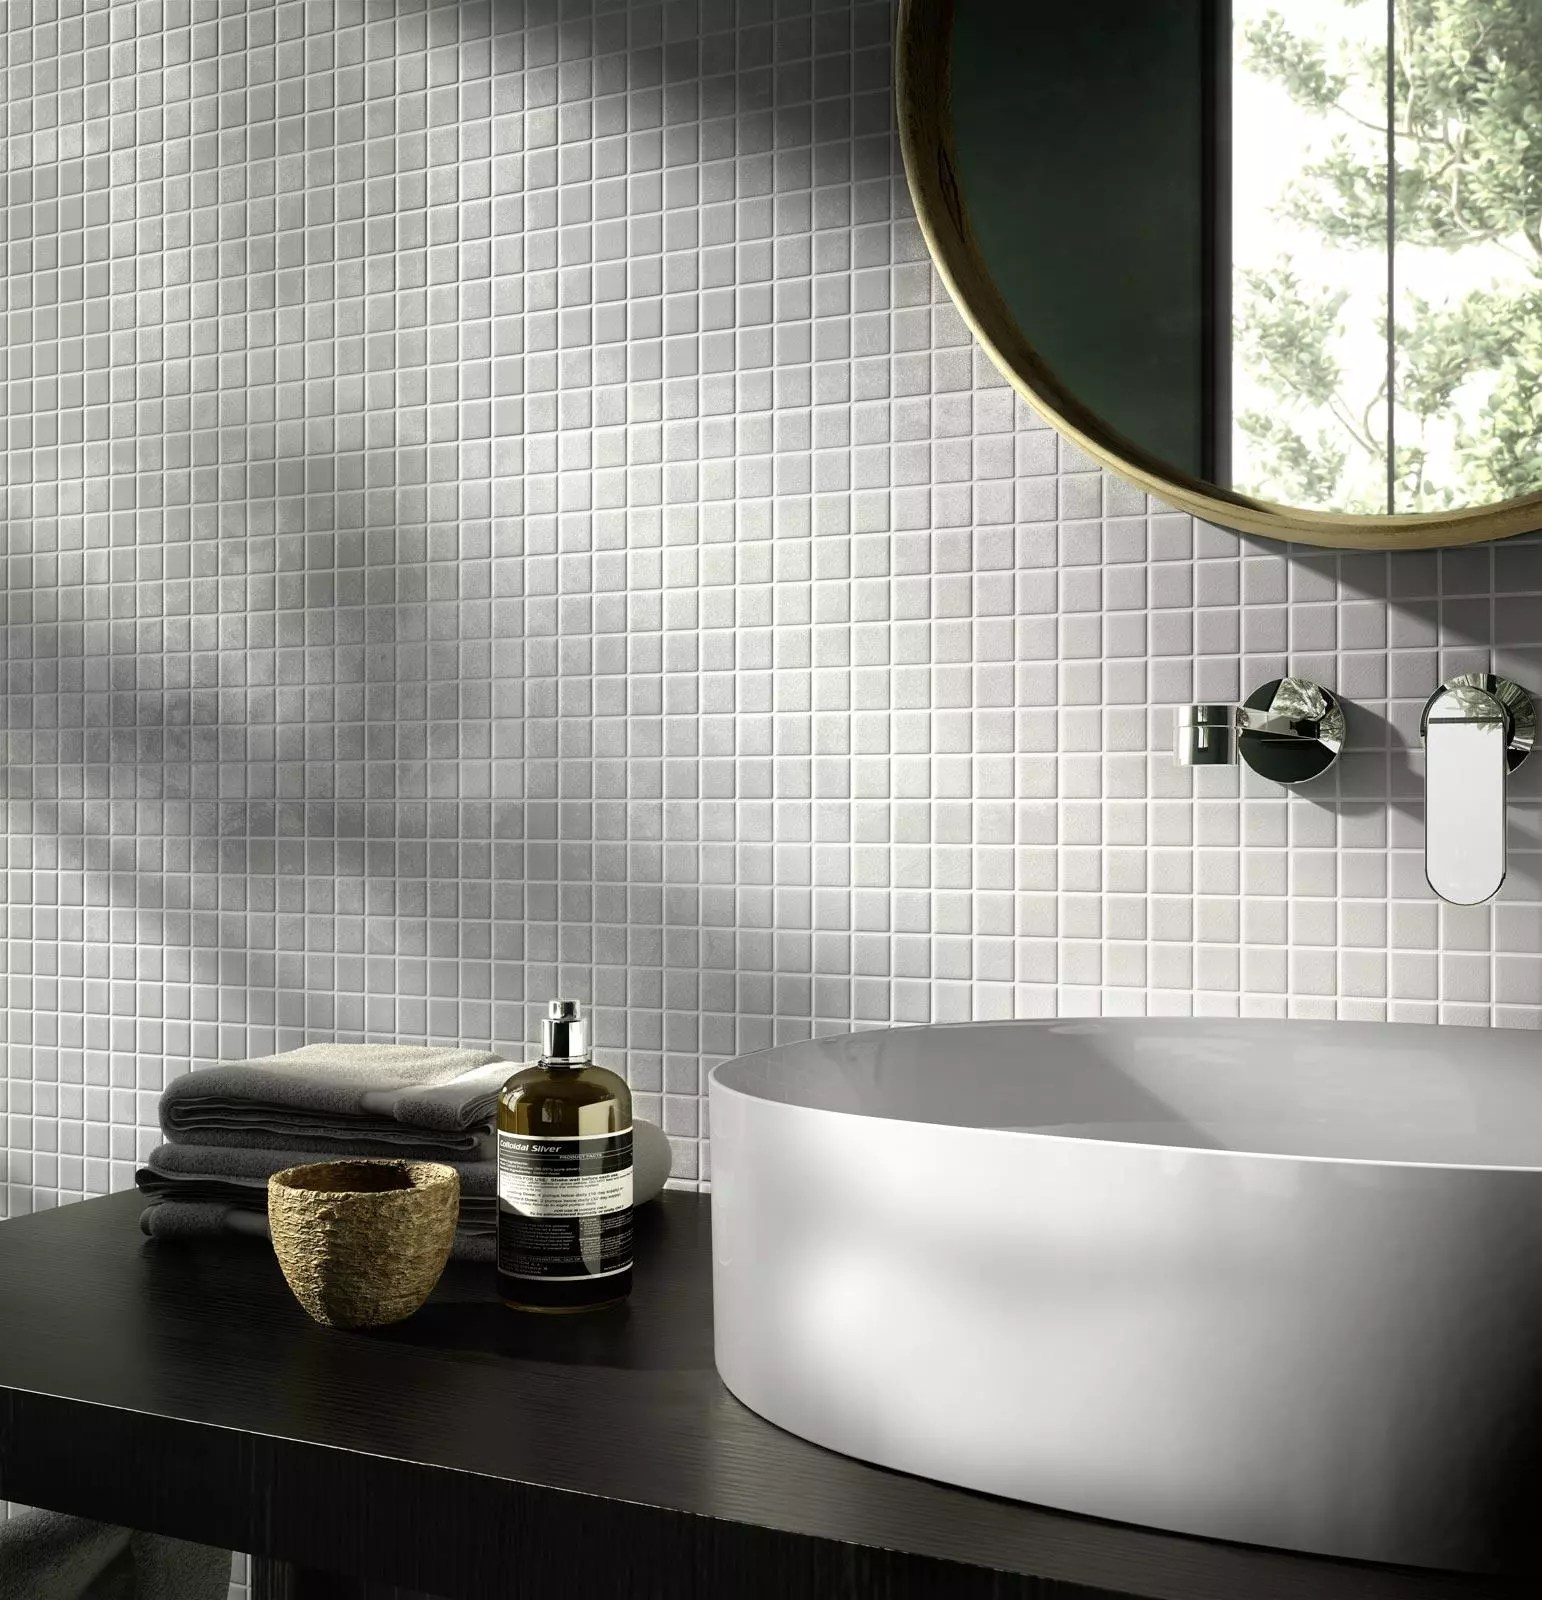 Piastrella bianca cucina rivestimento bagno bianco lucido